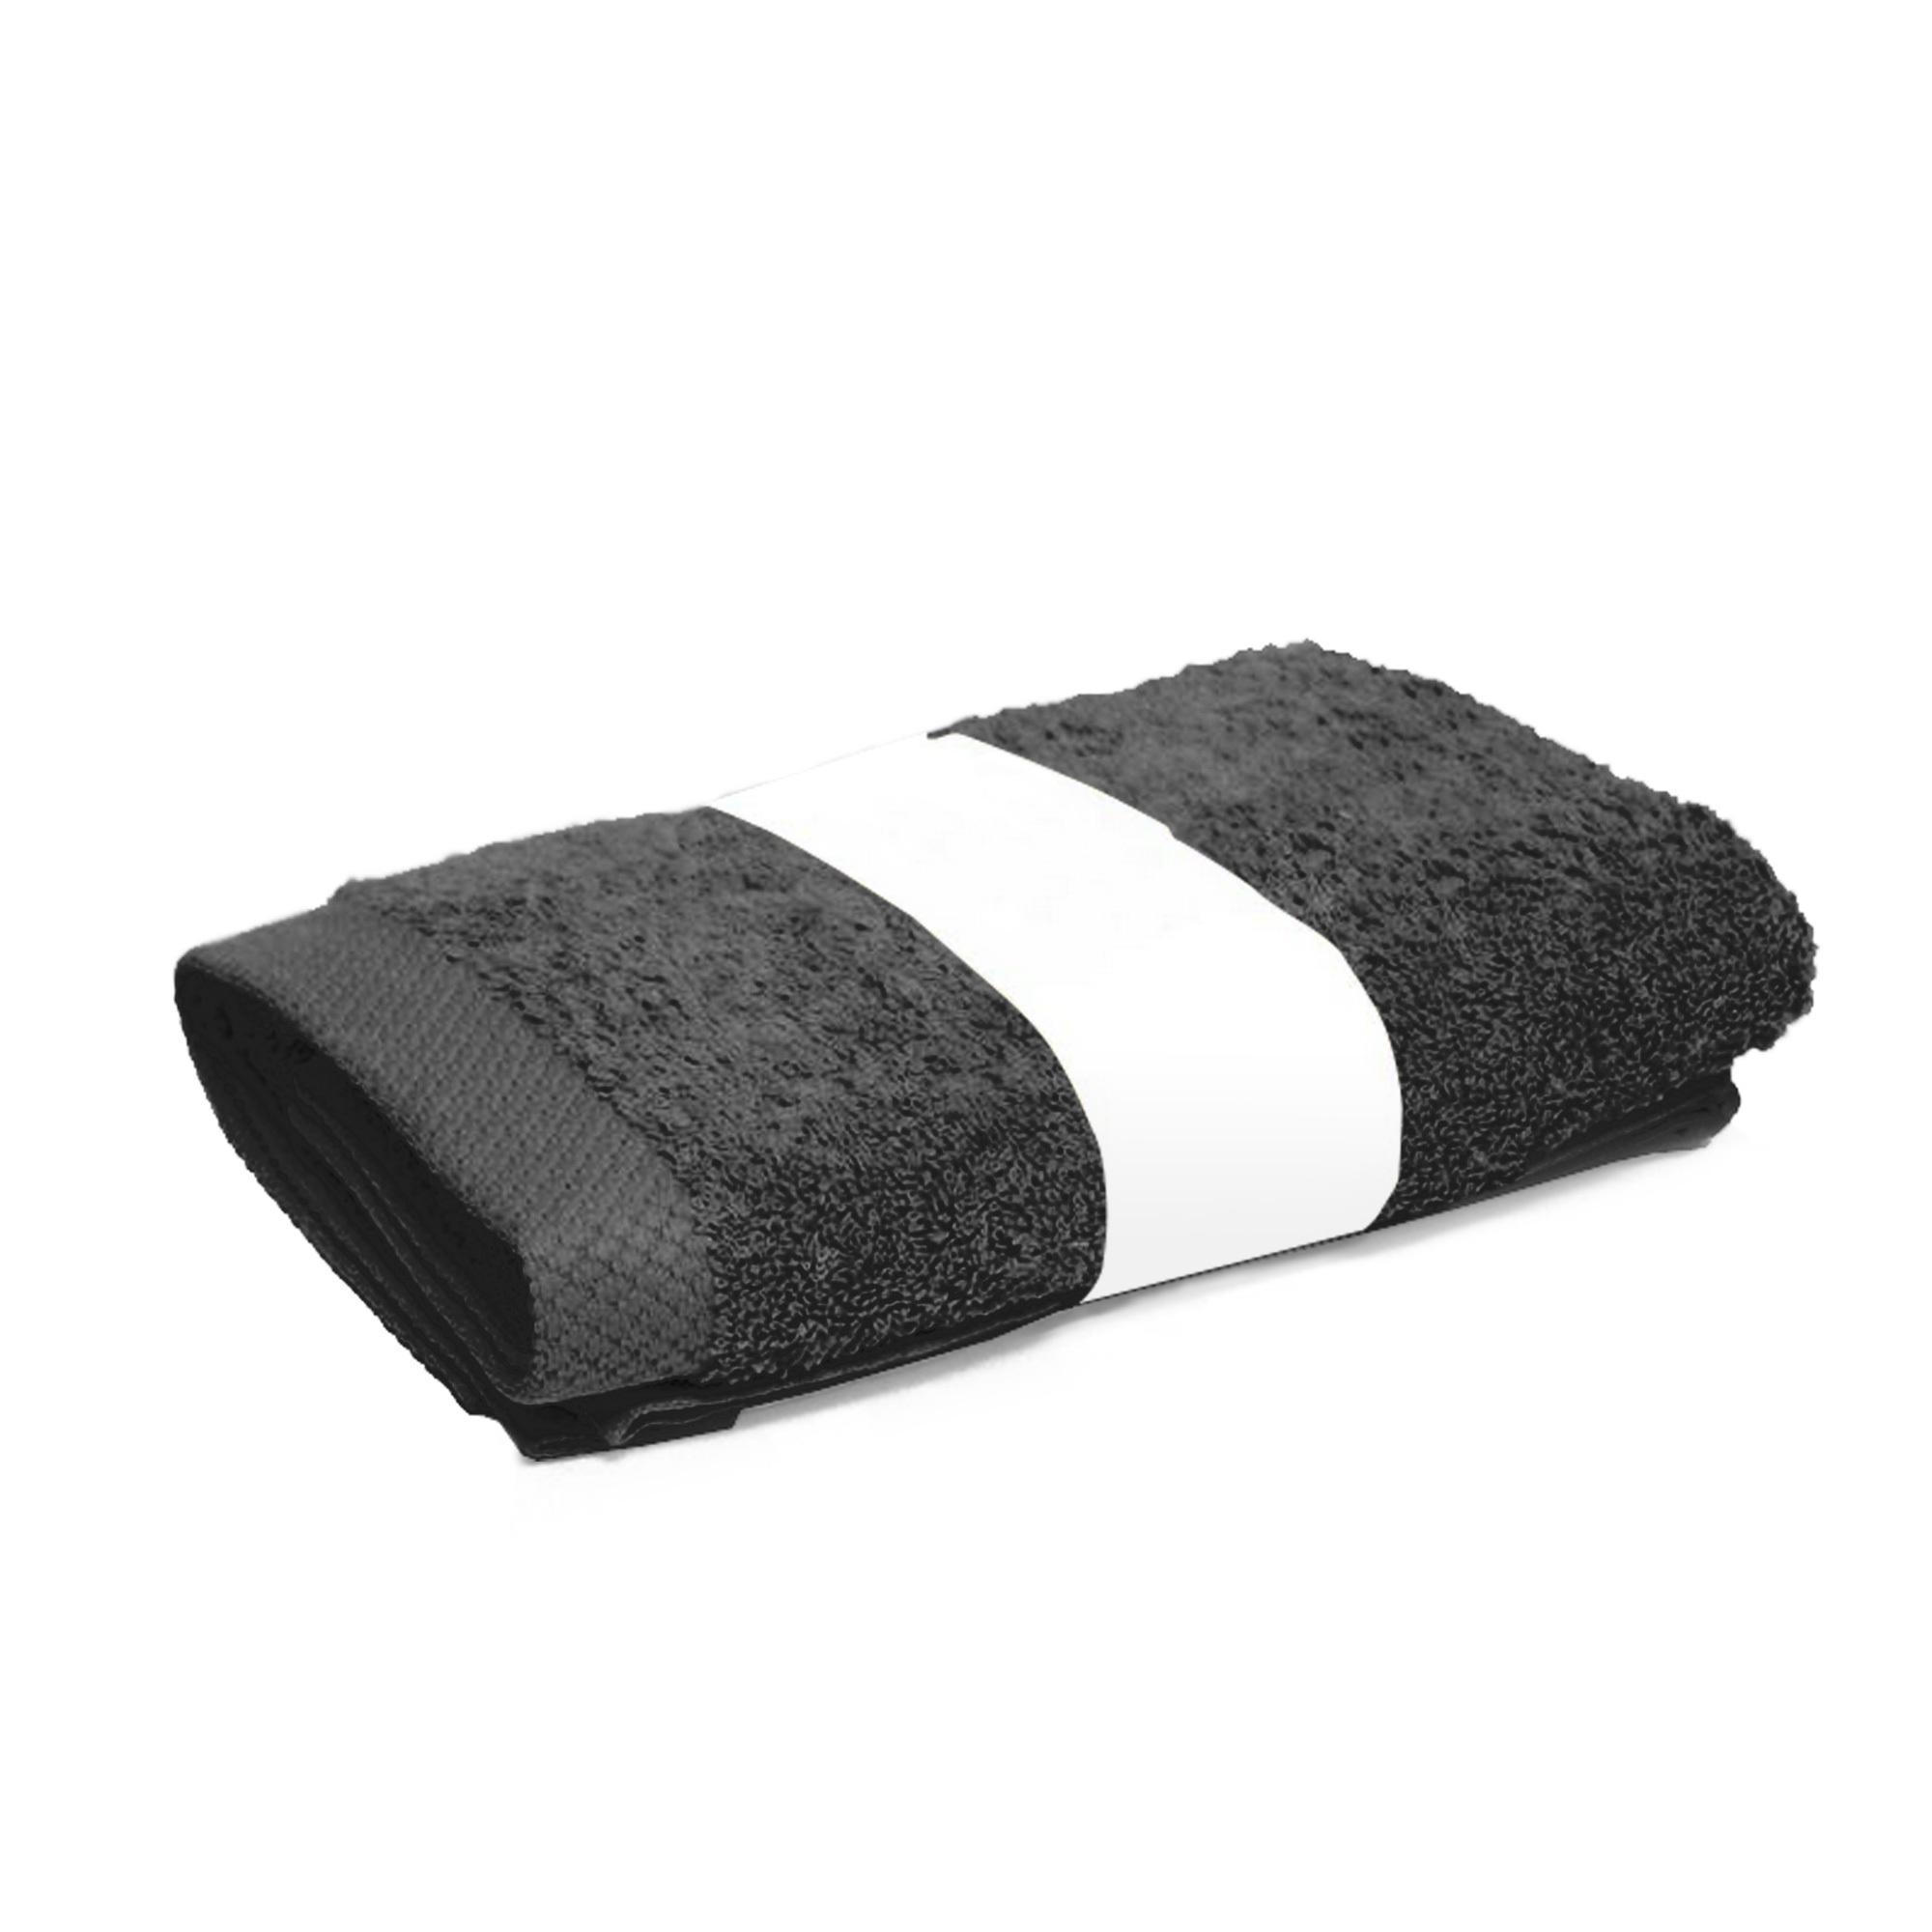 serviette de toilette 50x100cm coton uni pure gris anthracite linnea vente de linge de maison. Black Bedroom Furniture Sets. Home Design Ideas